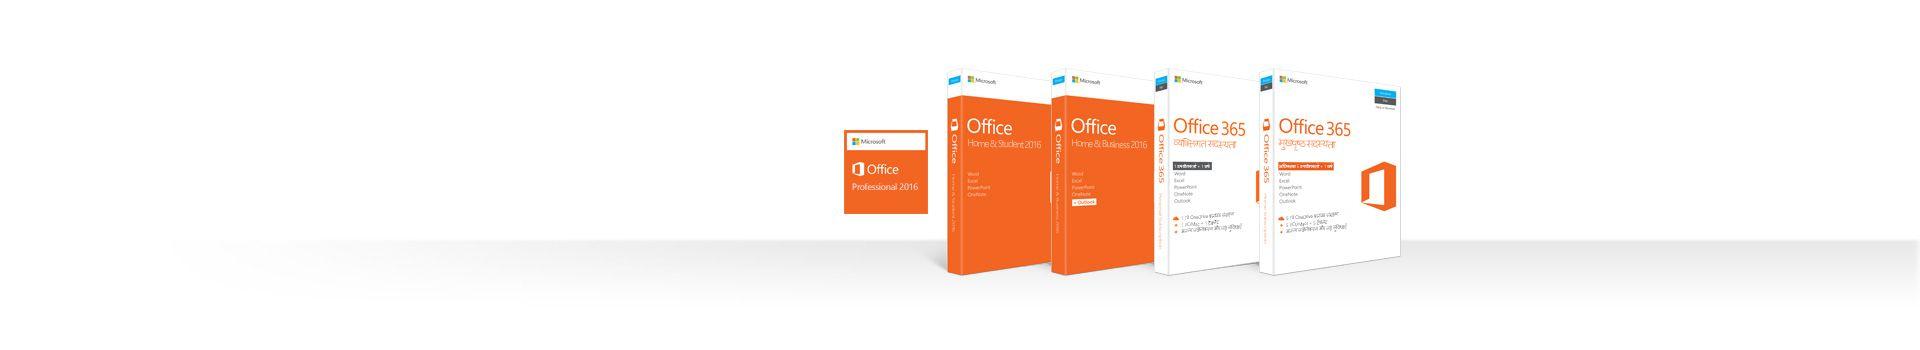 PC के लिए Office सदस्यता और स्टैंडअलोन उत्पादों का प्रतिनिधित्व करने के लिए बॉक्सेस की पंक्ति